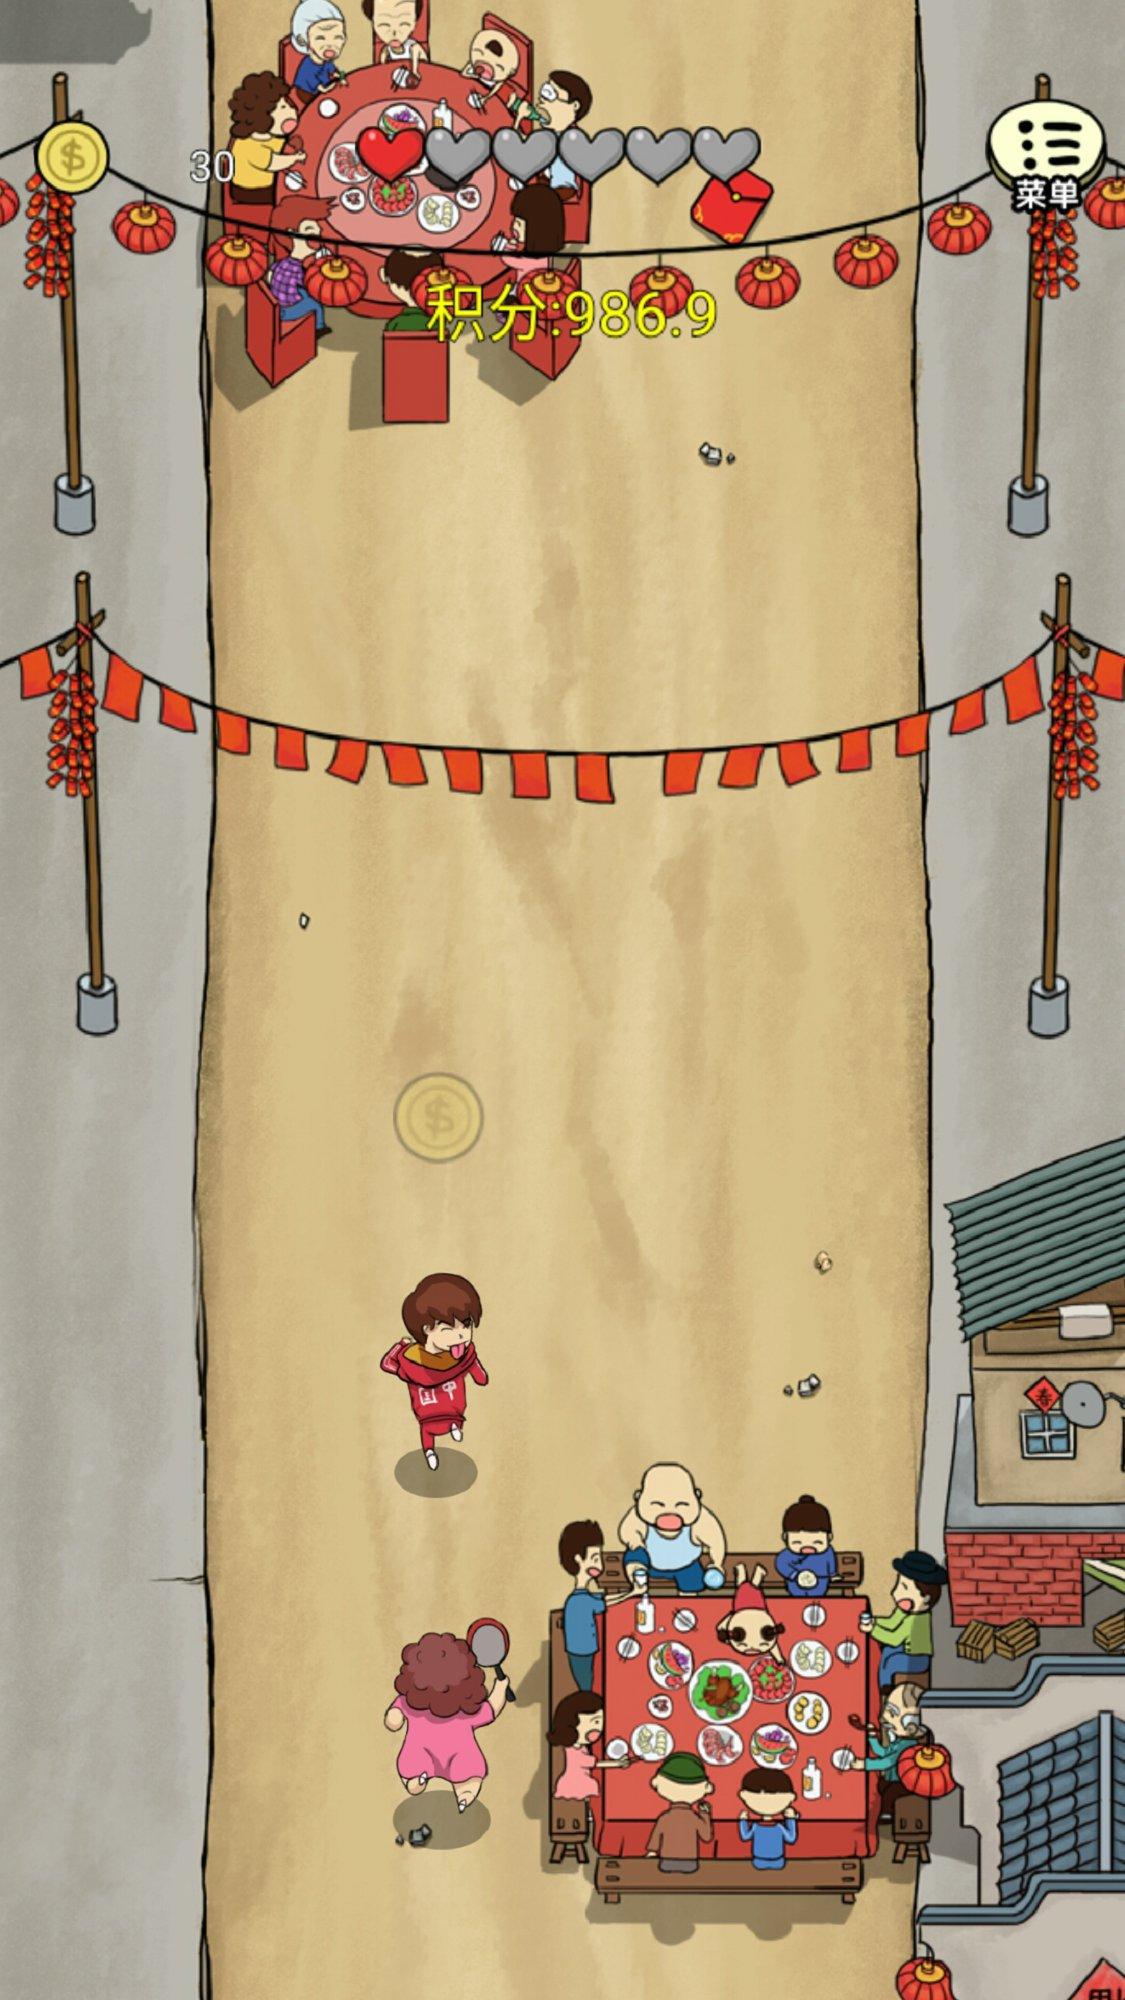 春节自救指南 v1.0.0截图